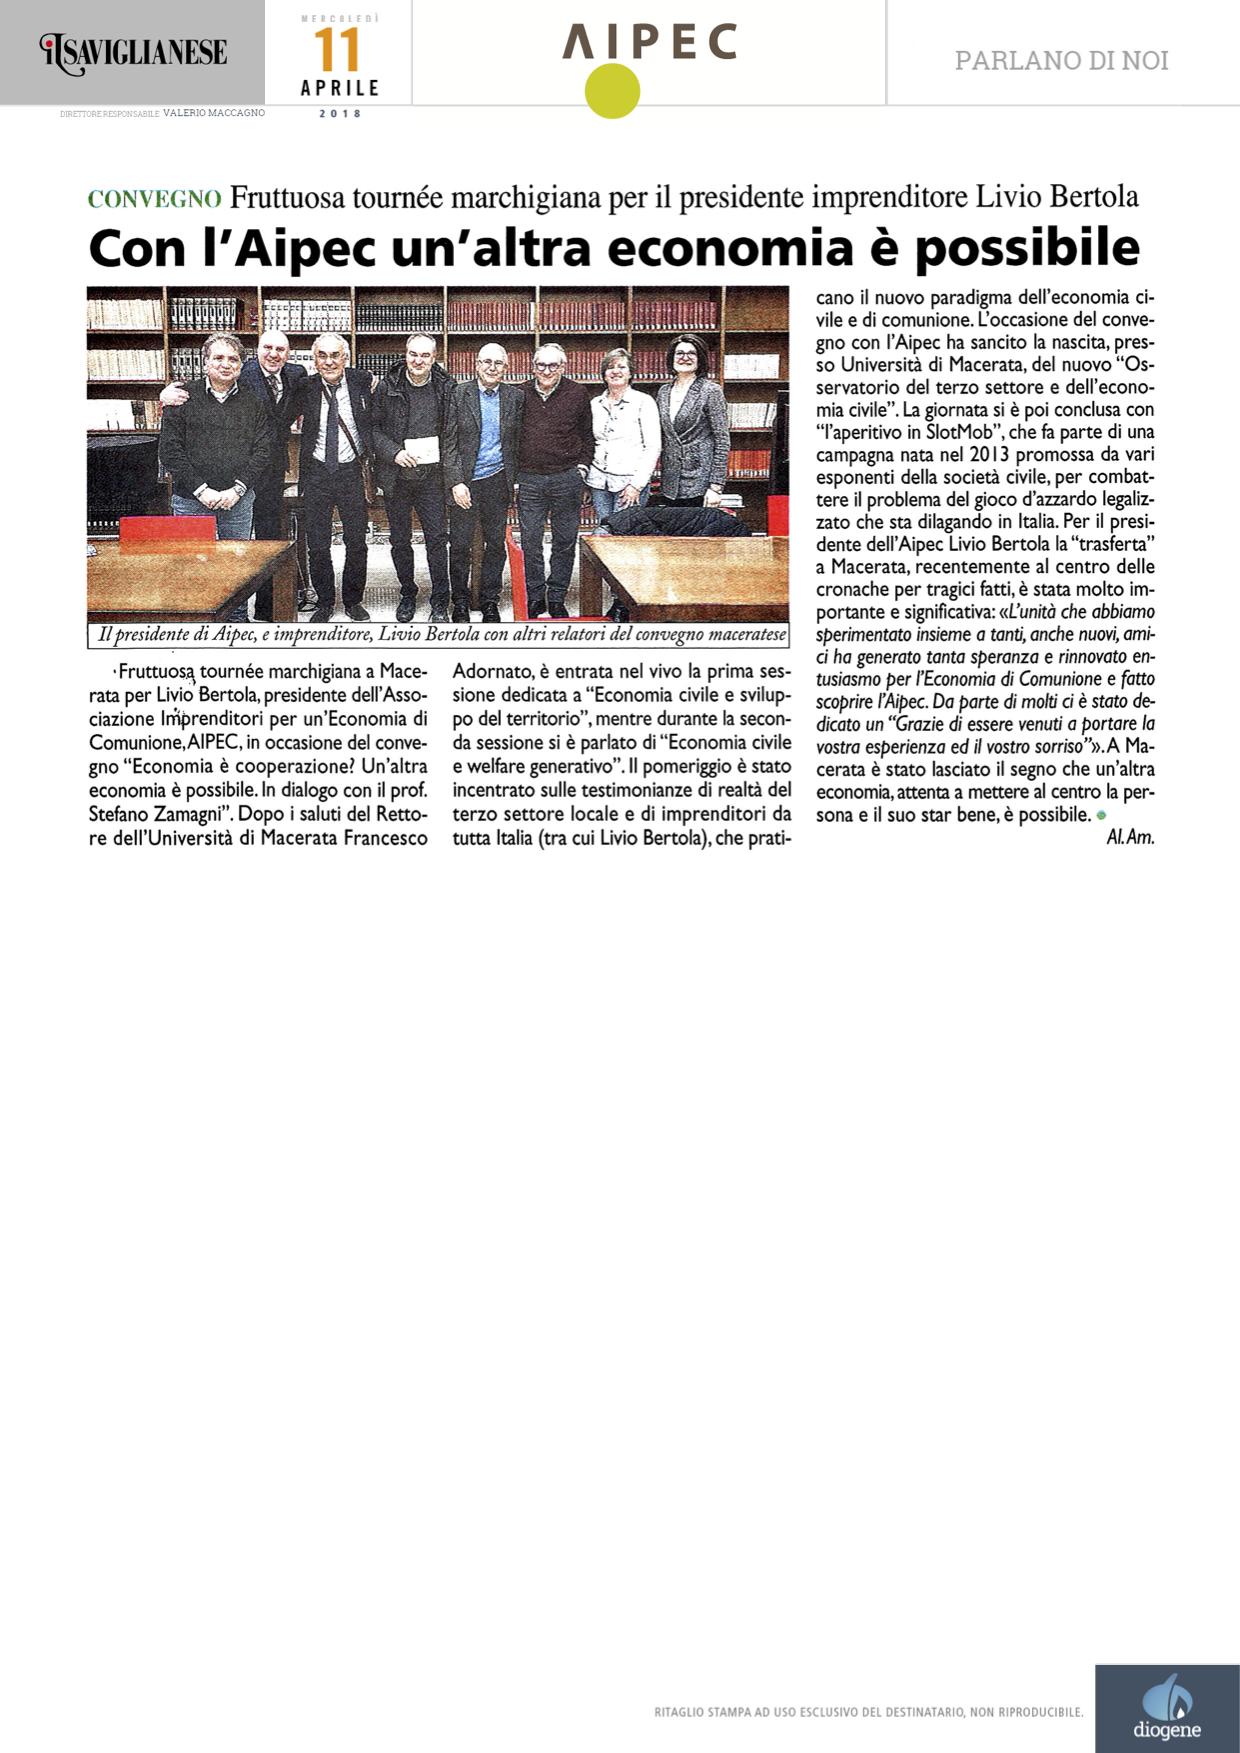 2018-04-11-110427_Il-Saviglianese_Con-lAipec-unaltra-economia--possibile